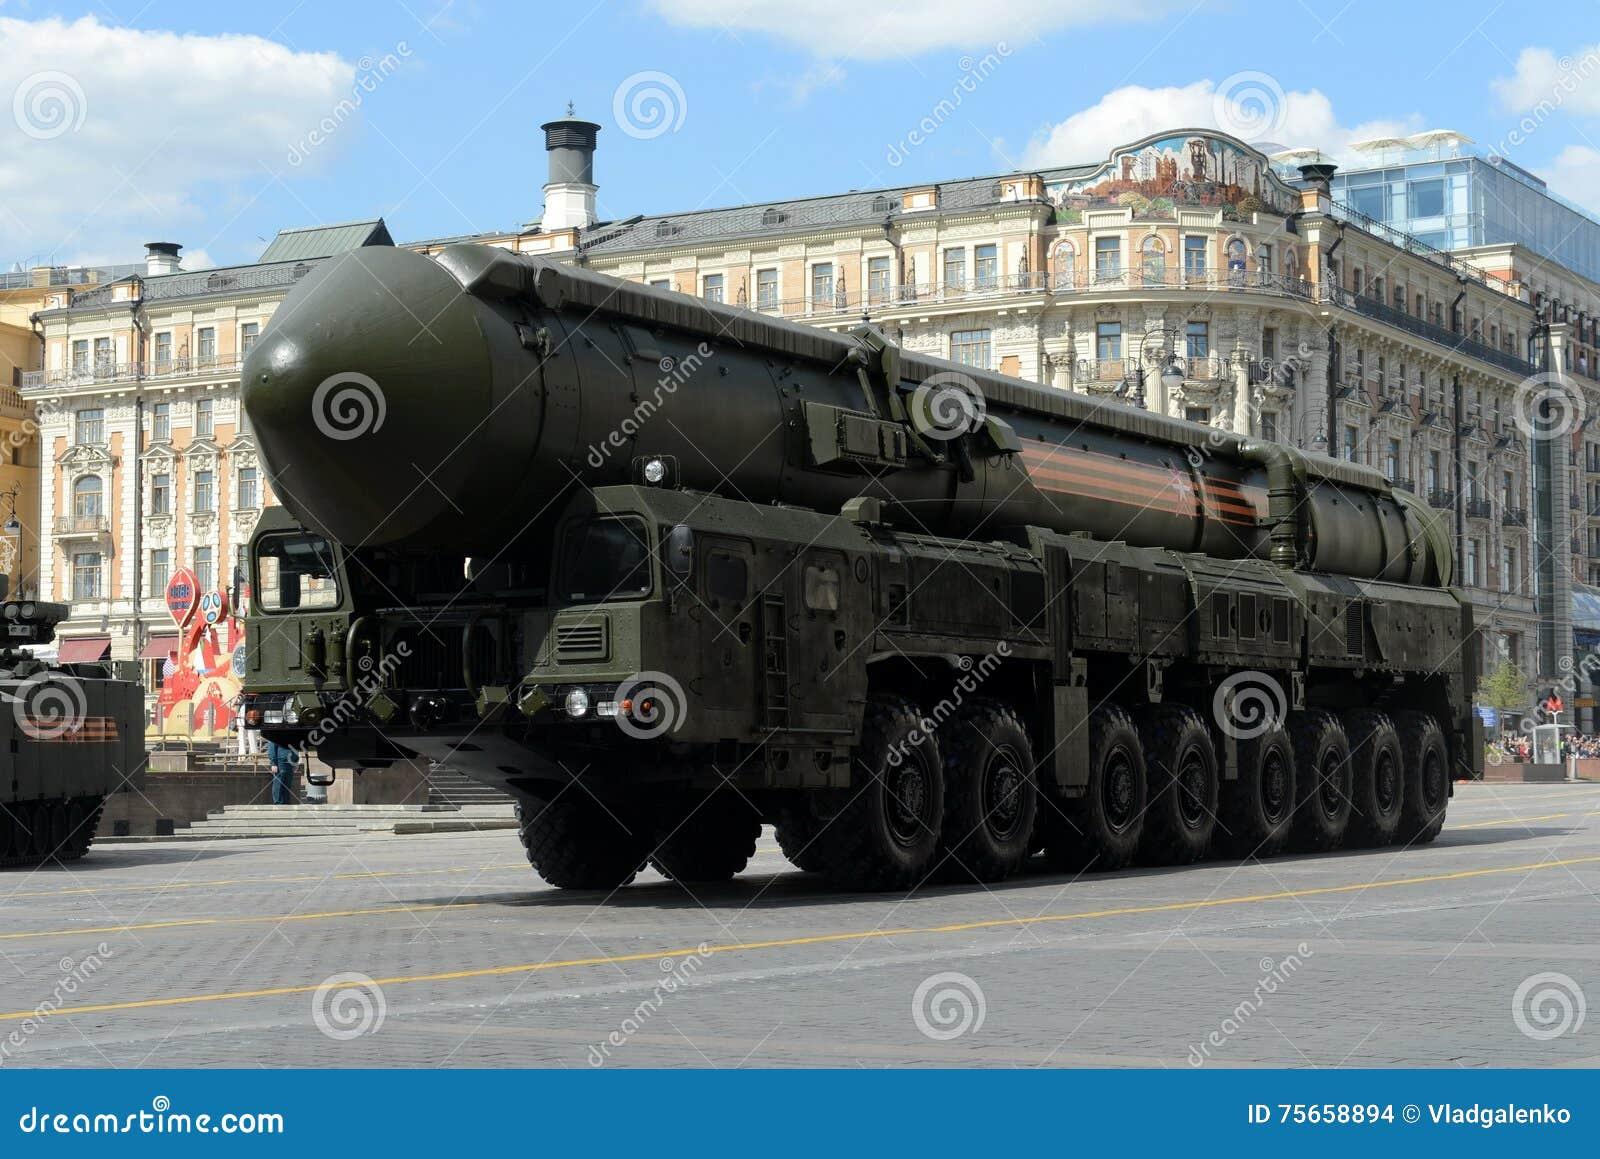 le-rs-yars-ou-topol-m-est-un-russe-mirv-%C3%A9quip%C3%A9-missile-balistique-intercontinental-d-arme-thermonucl%C3%A9aire-75658894